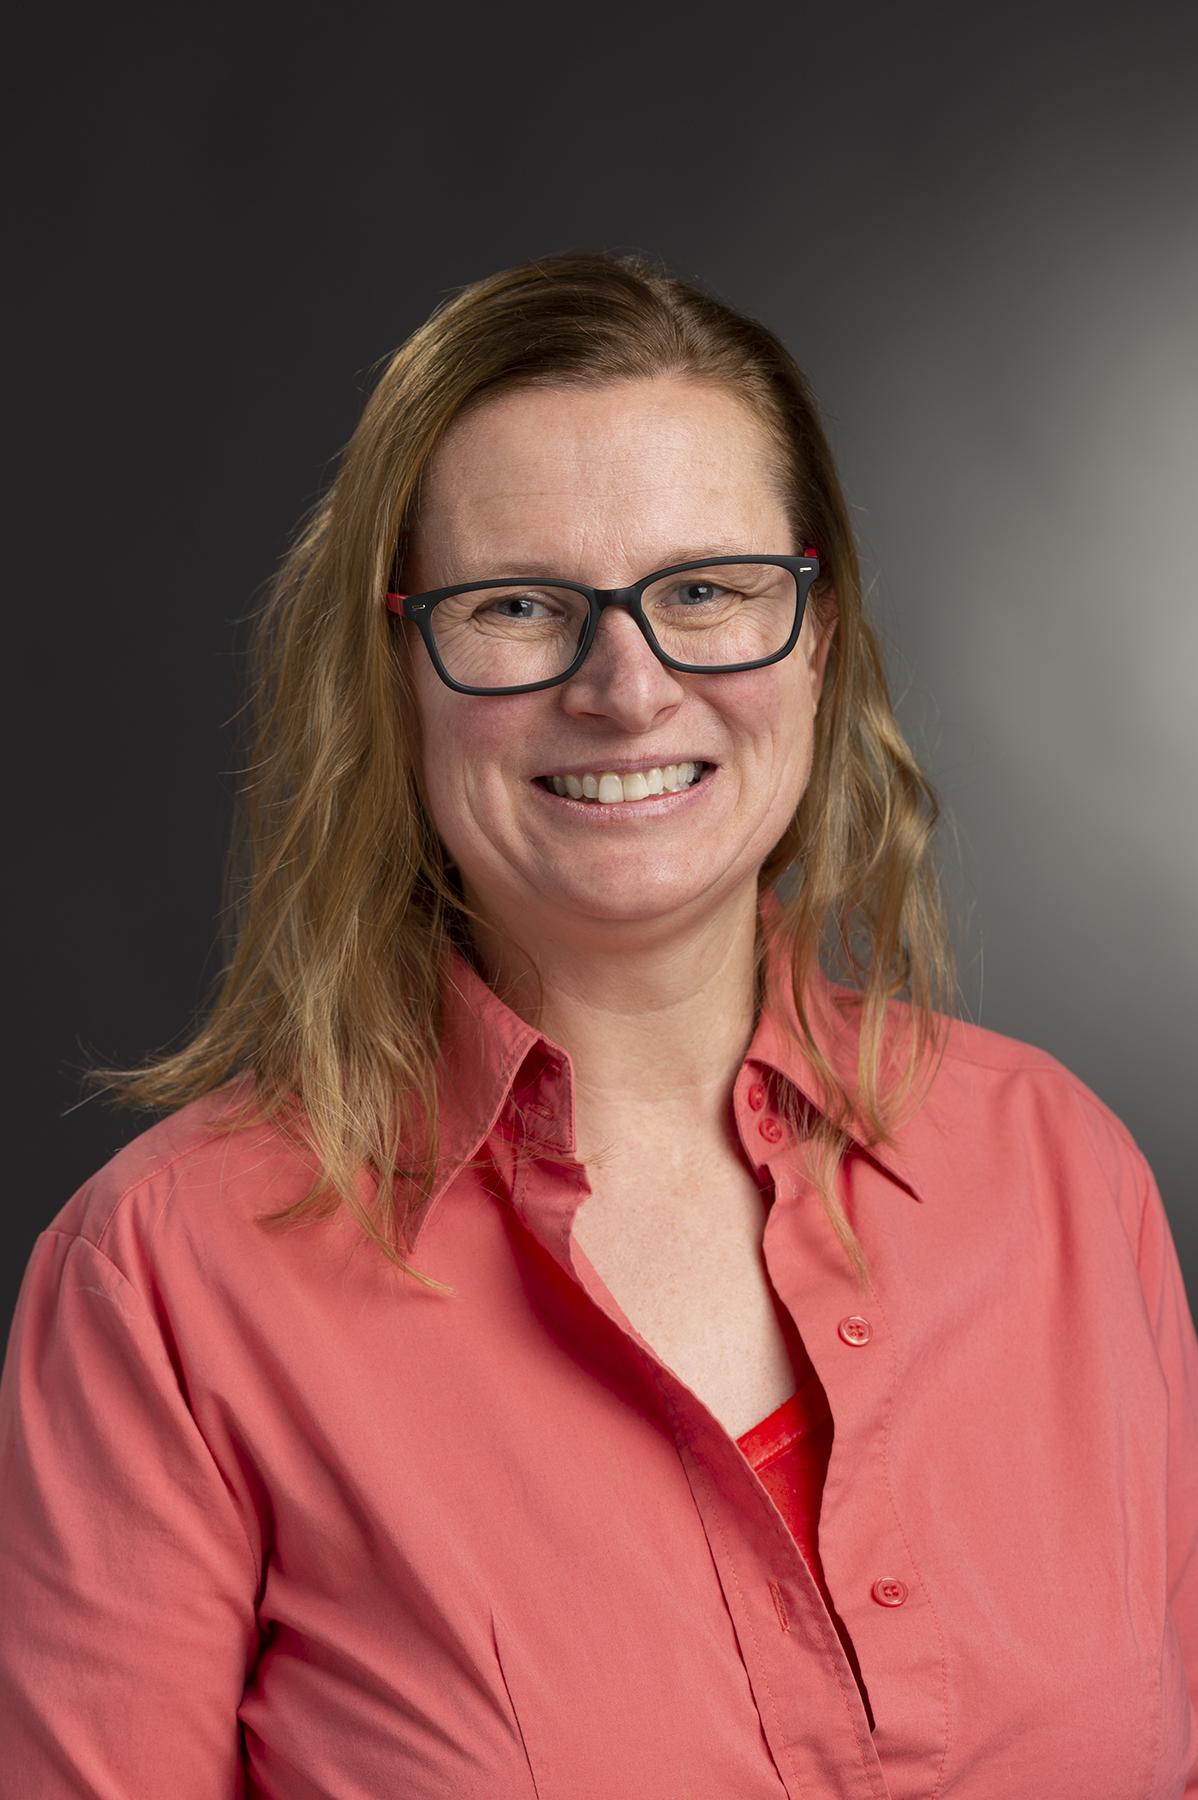 Headshot of Elizabeth Kronfield.